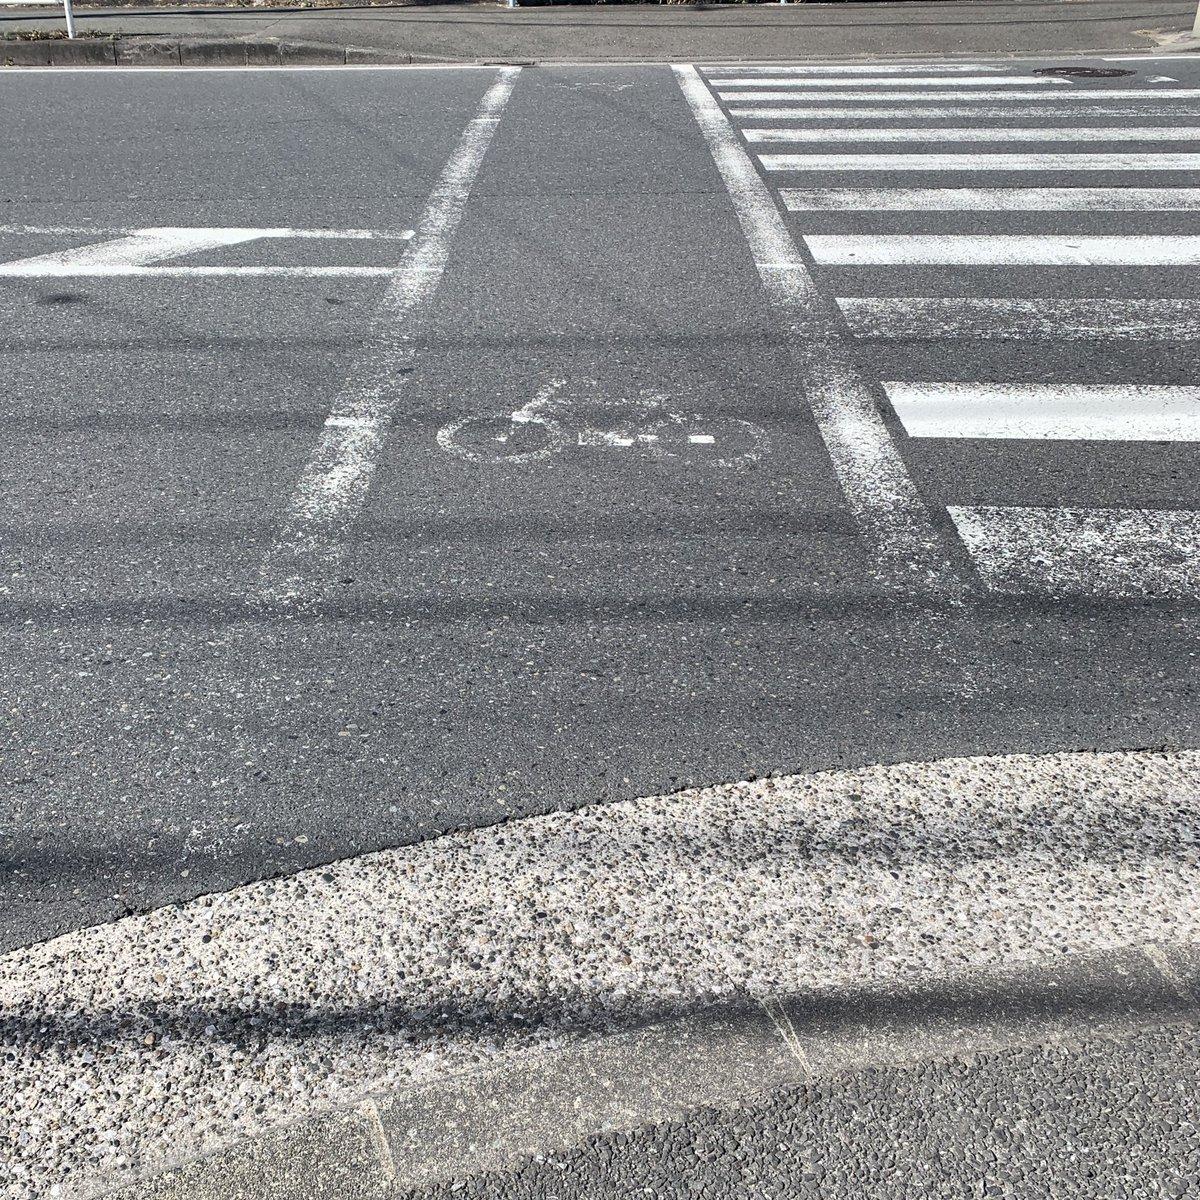 実は自転車横断帯って2011年に廃止されてるから、まだ残ってるのはレア